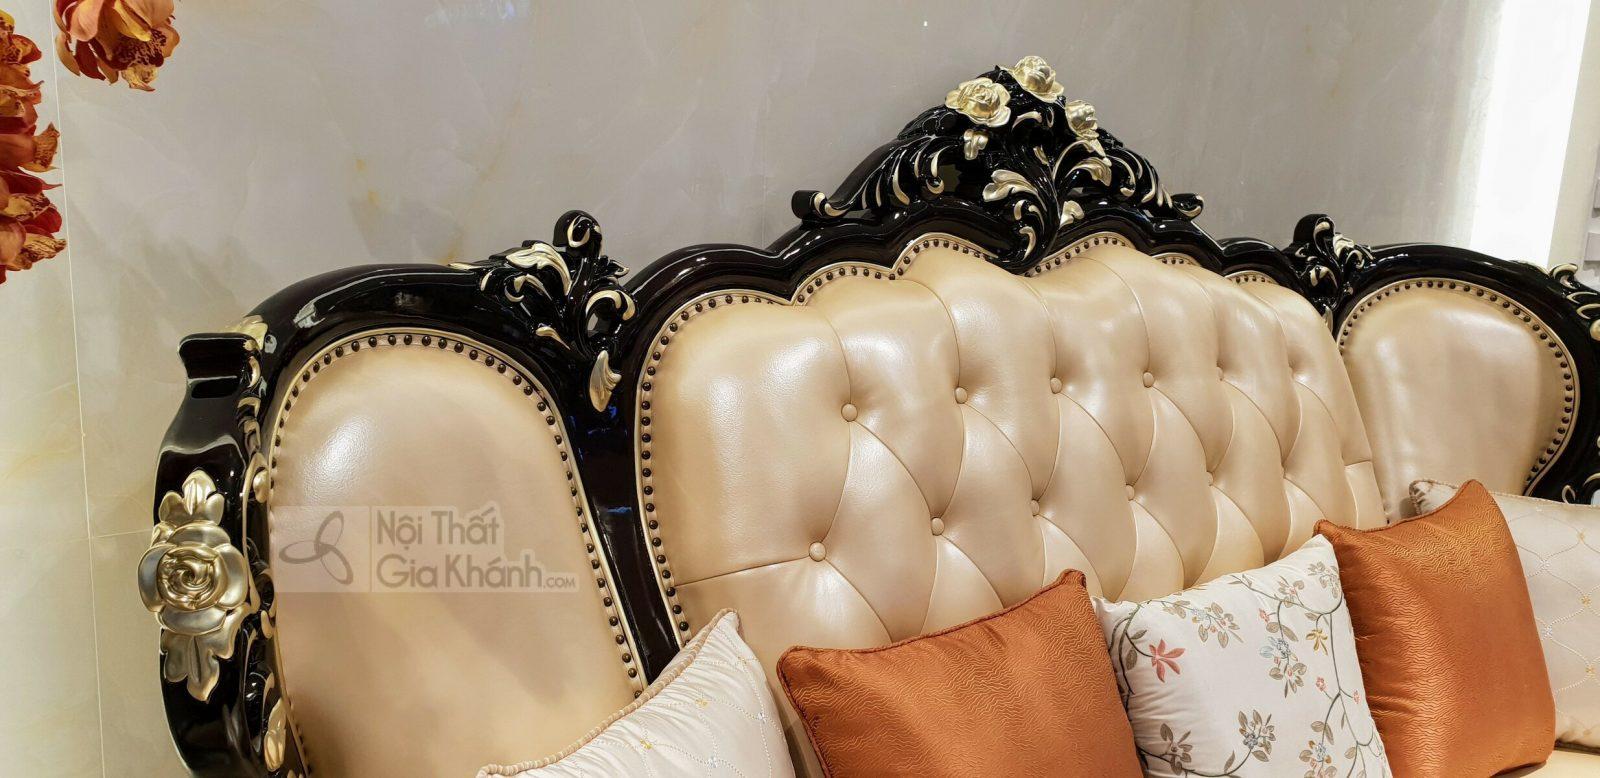 Bộ sofa da thật nhập khẩu phong cách cổ điển hoàng gia G955SF - sofa G955SF 11